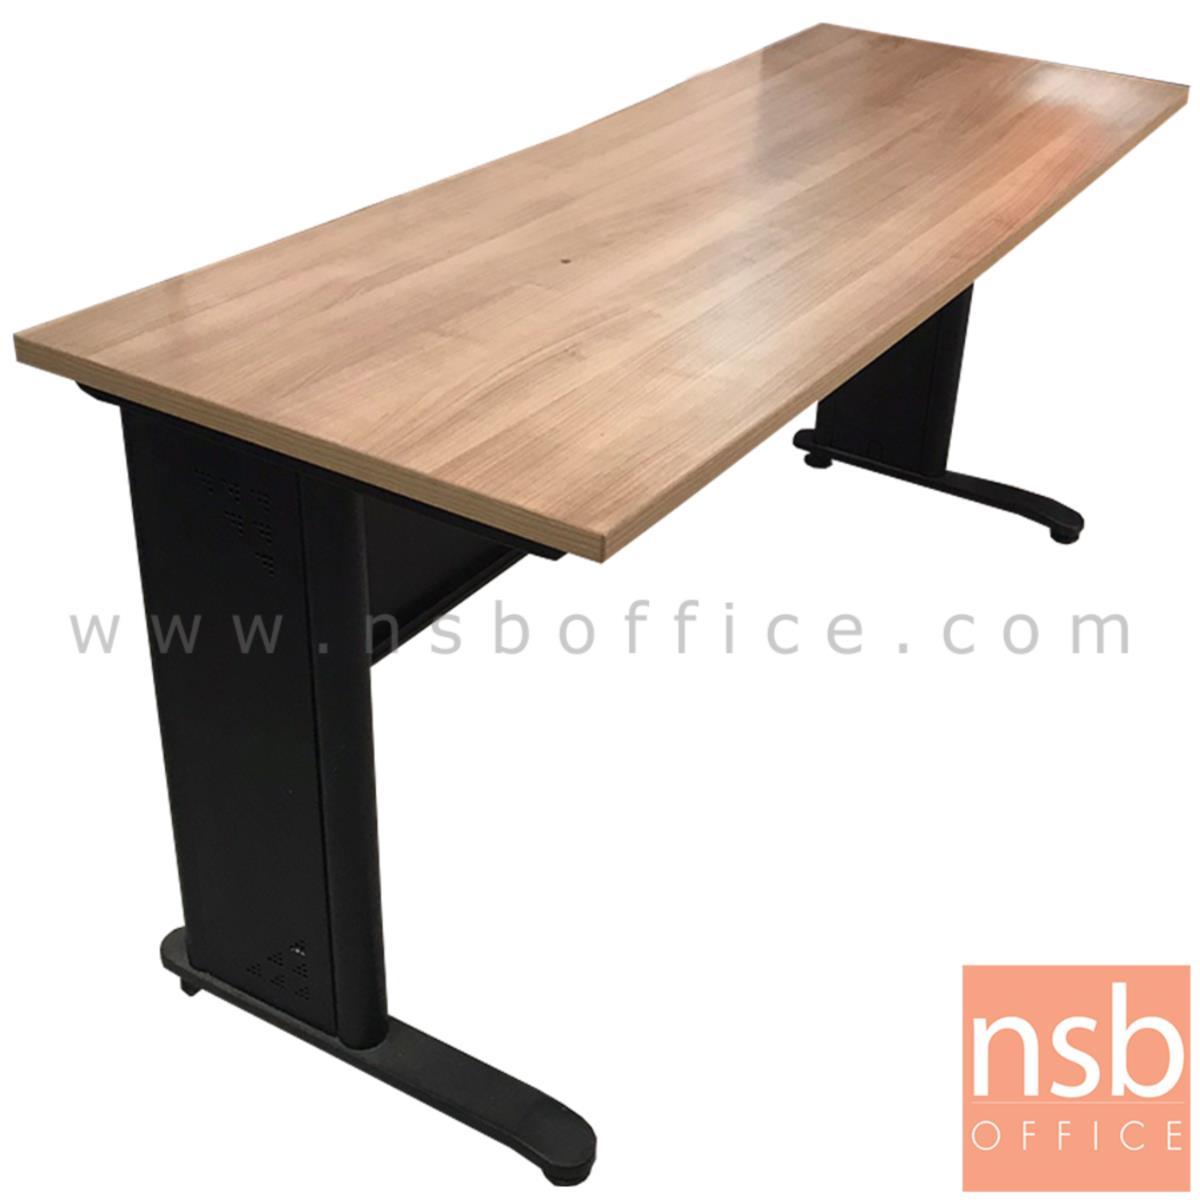 โต๊ะทำงานโล่ง บังตาเหล็ก  ขนาด 160W*76H cm. ขาเหล็กพ่นดำ